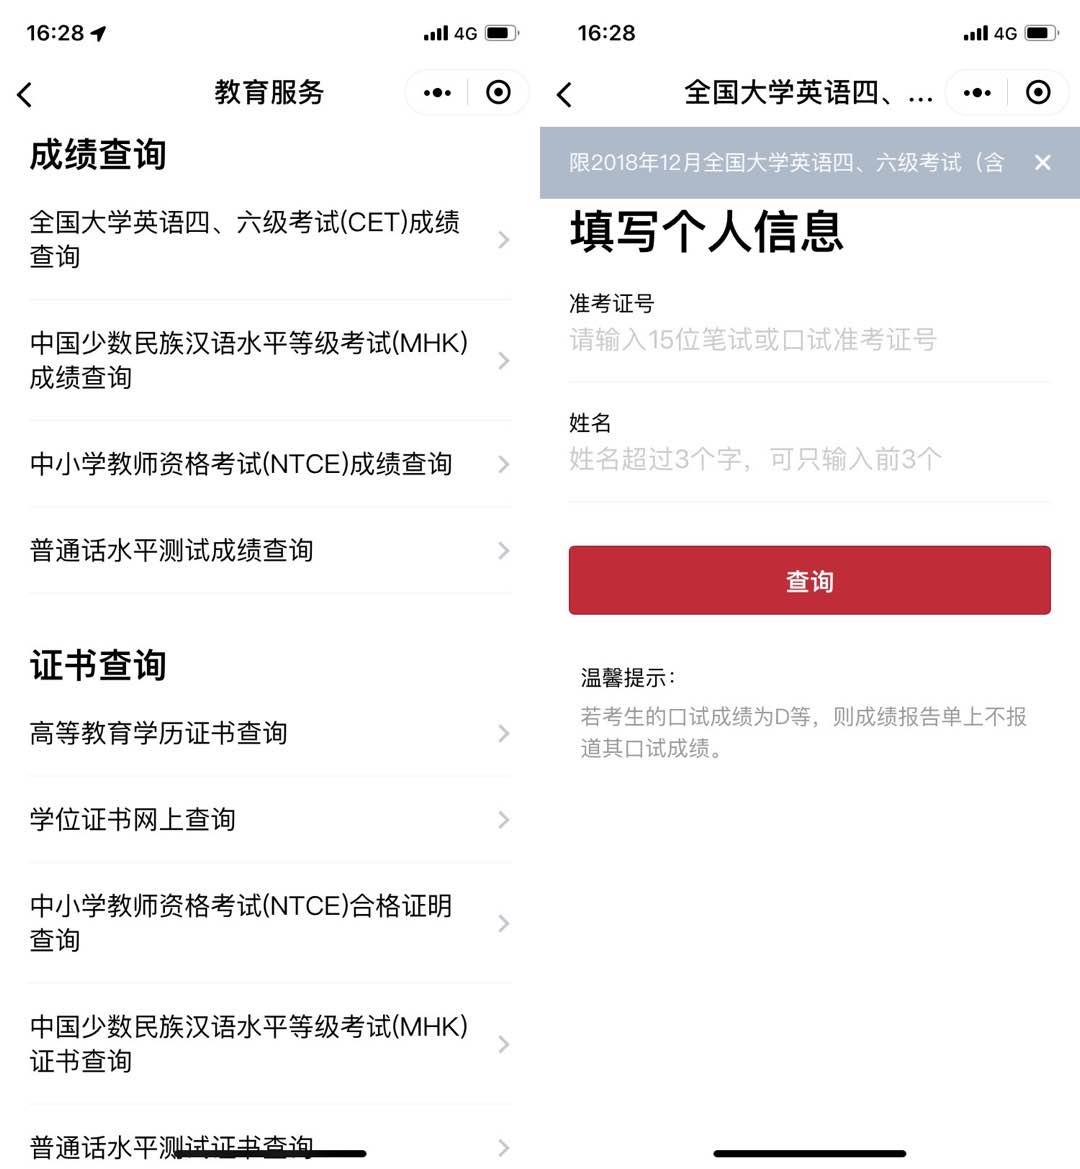 微信「小程序」推荐   iPhone 有哪些小程序可以极大地便利生活?